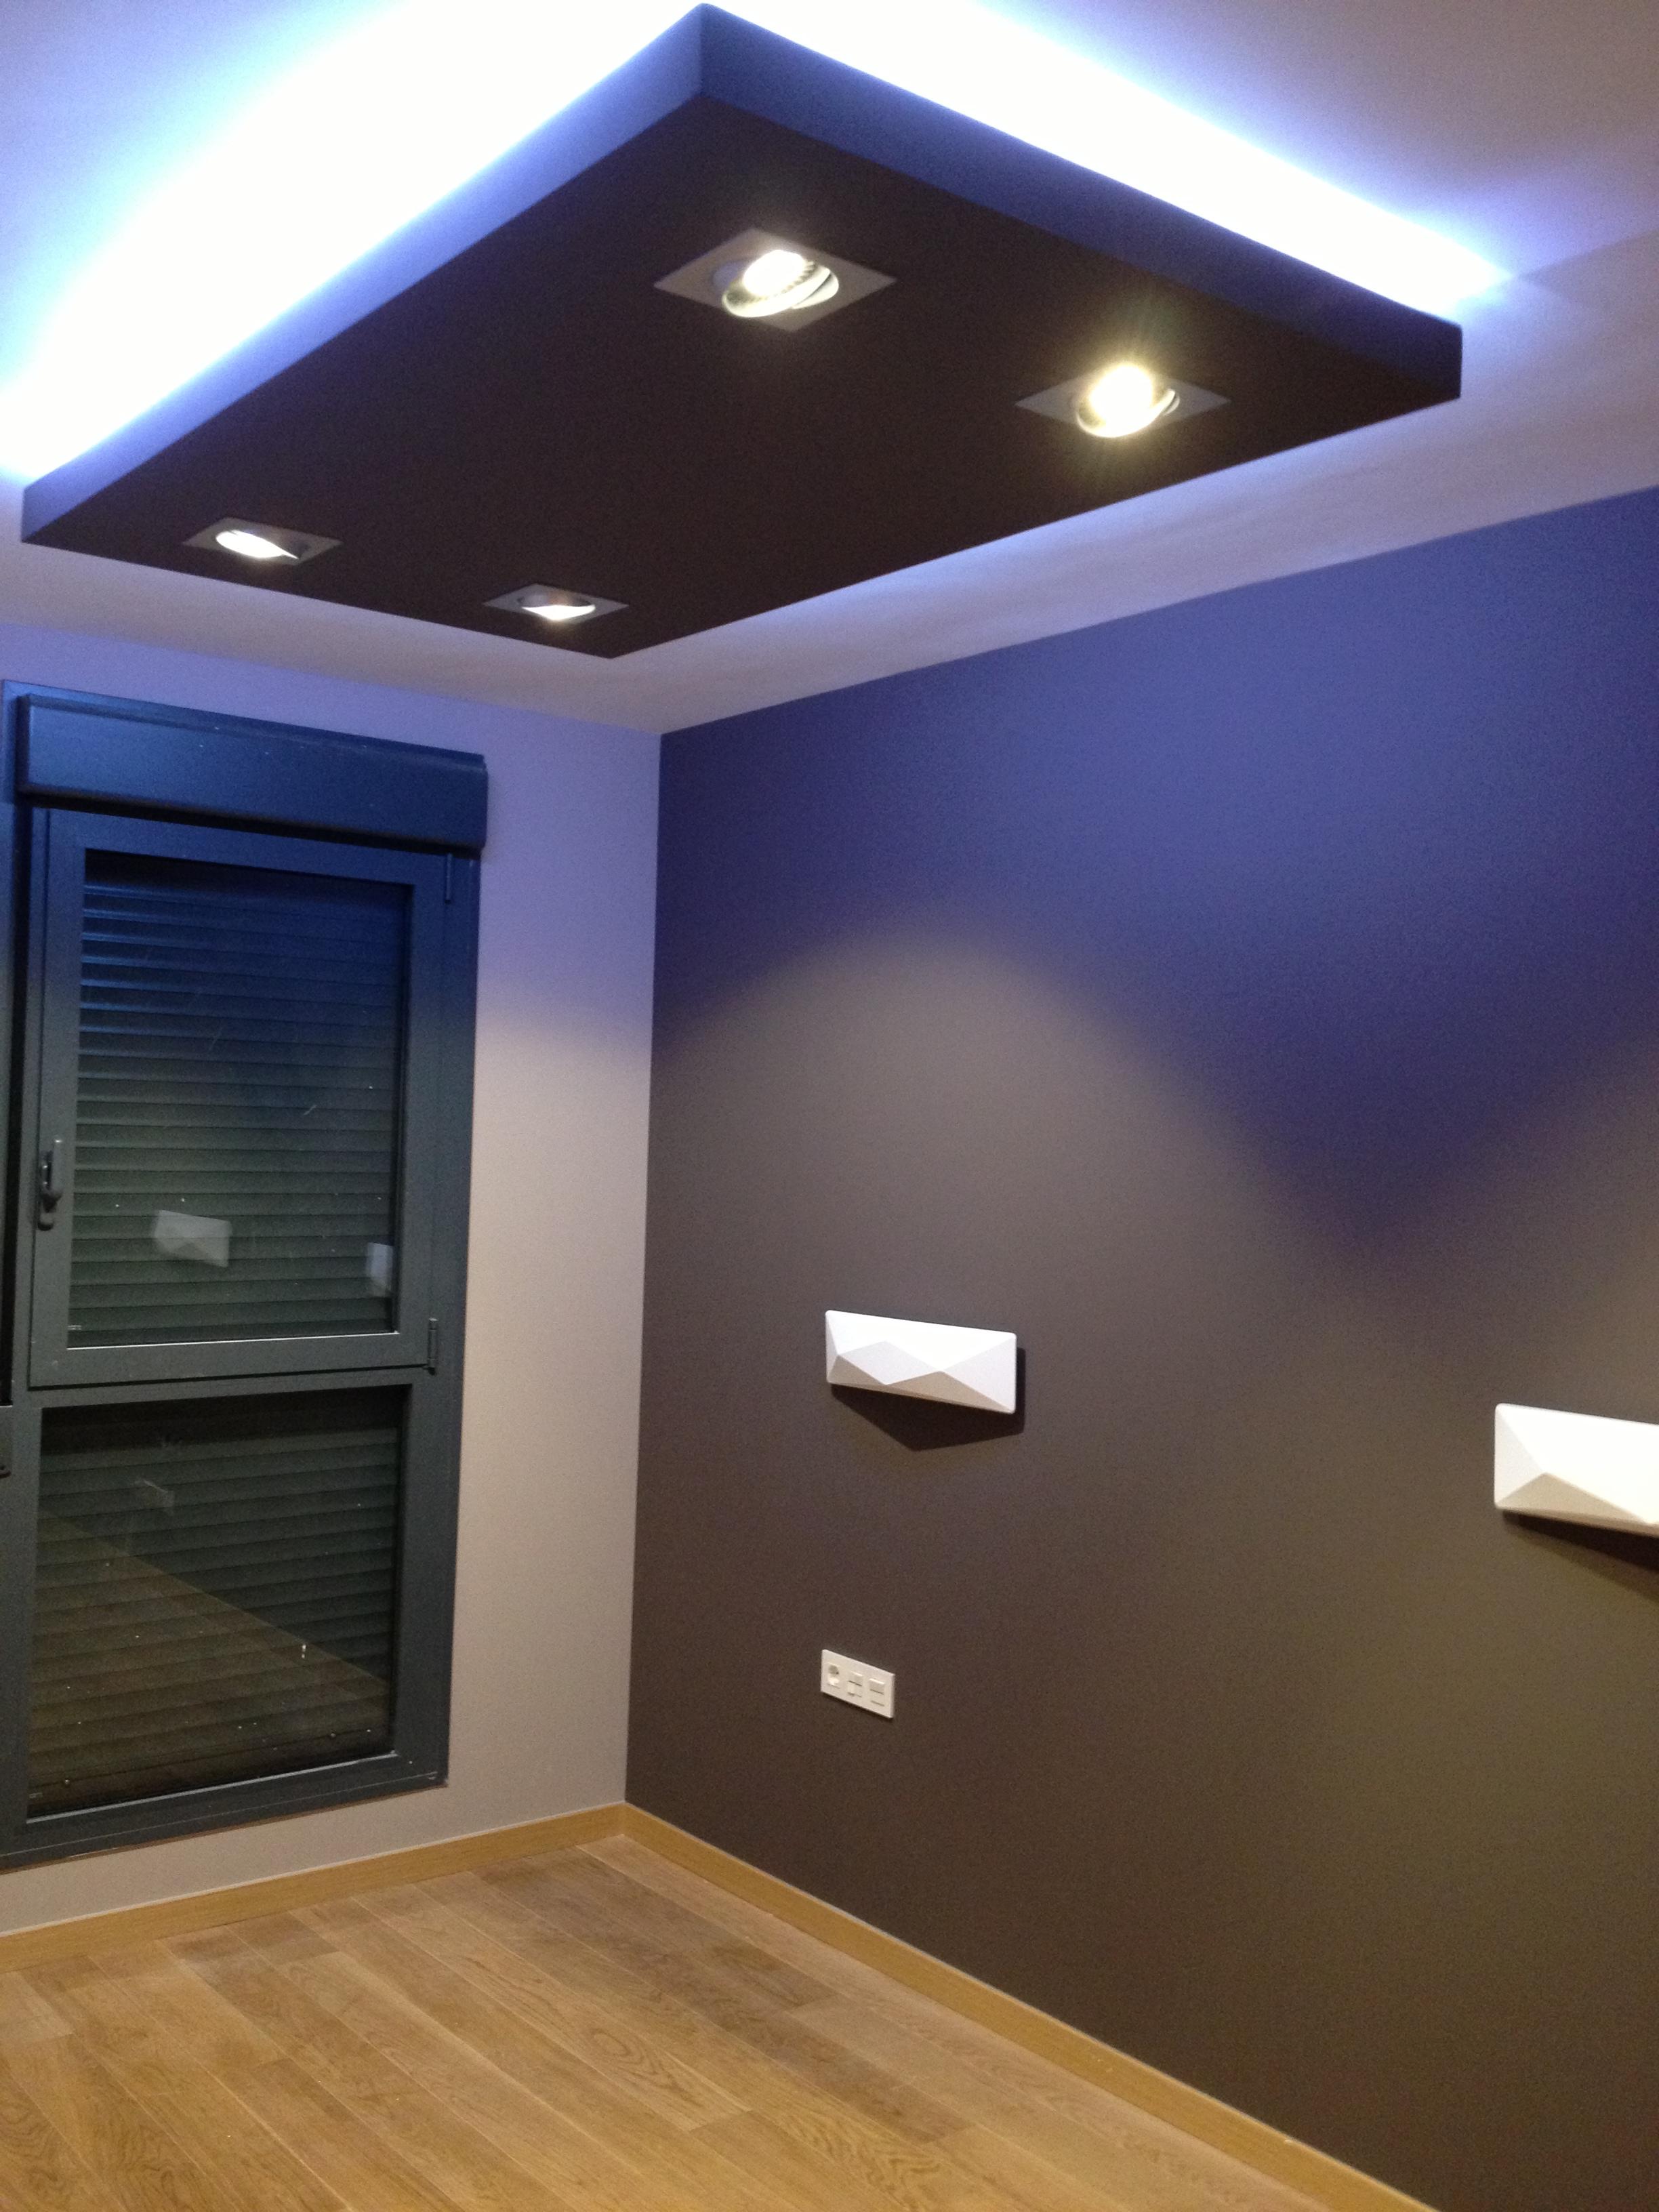 La escayola pladur y las tiras led hacen buen equipo - Luces de pared para dormitorio ...